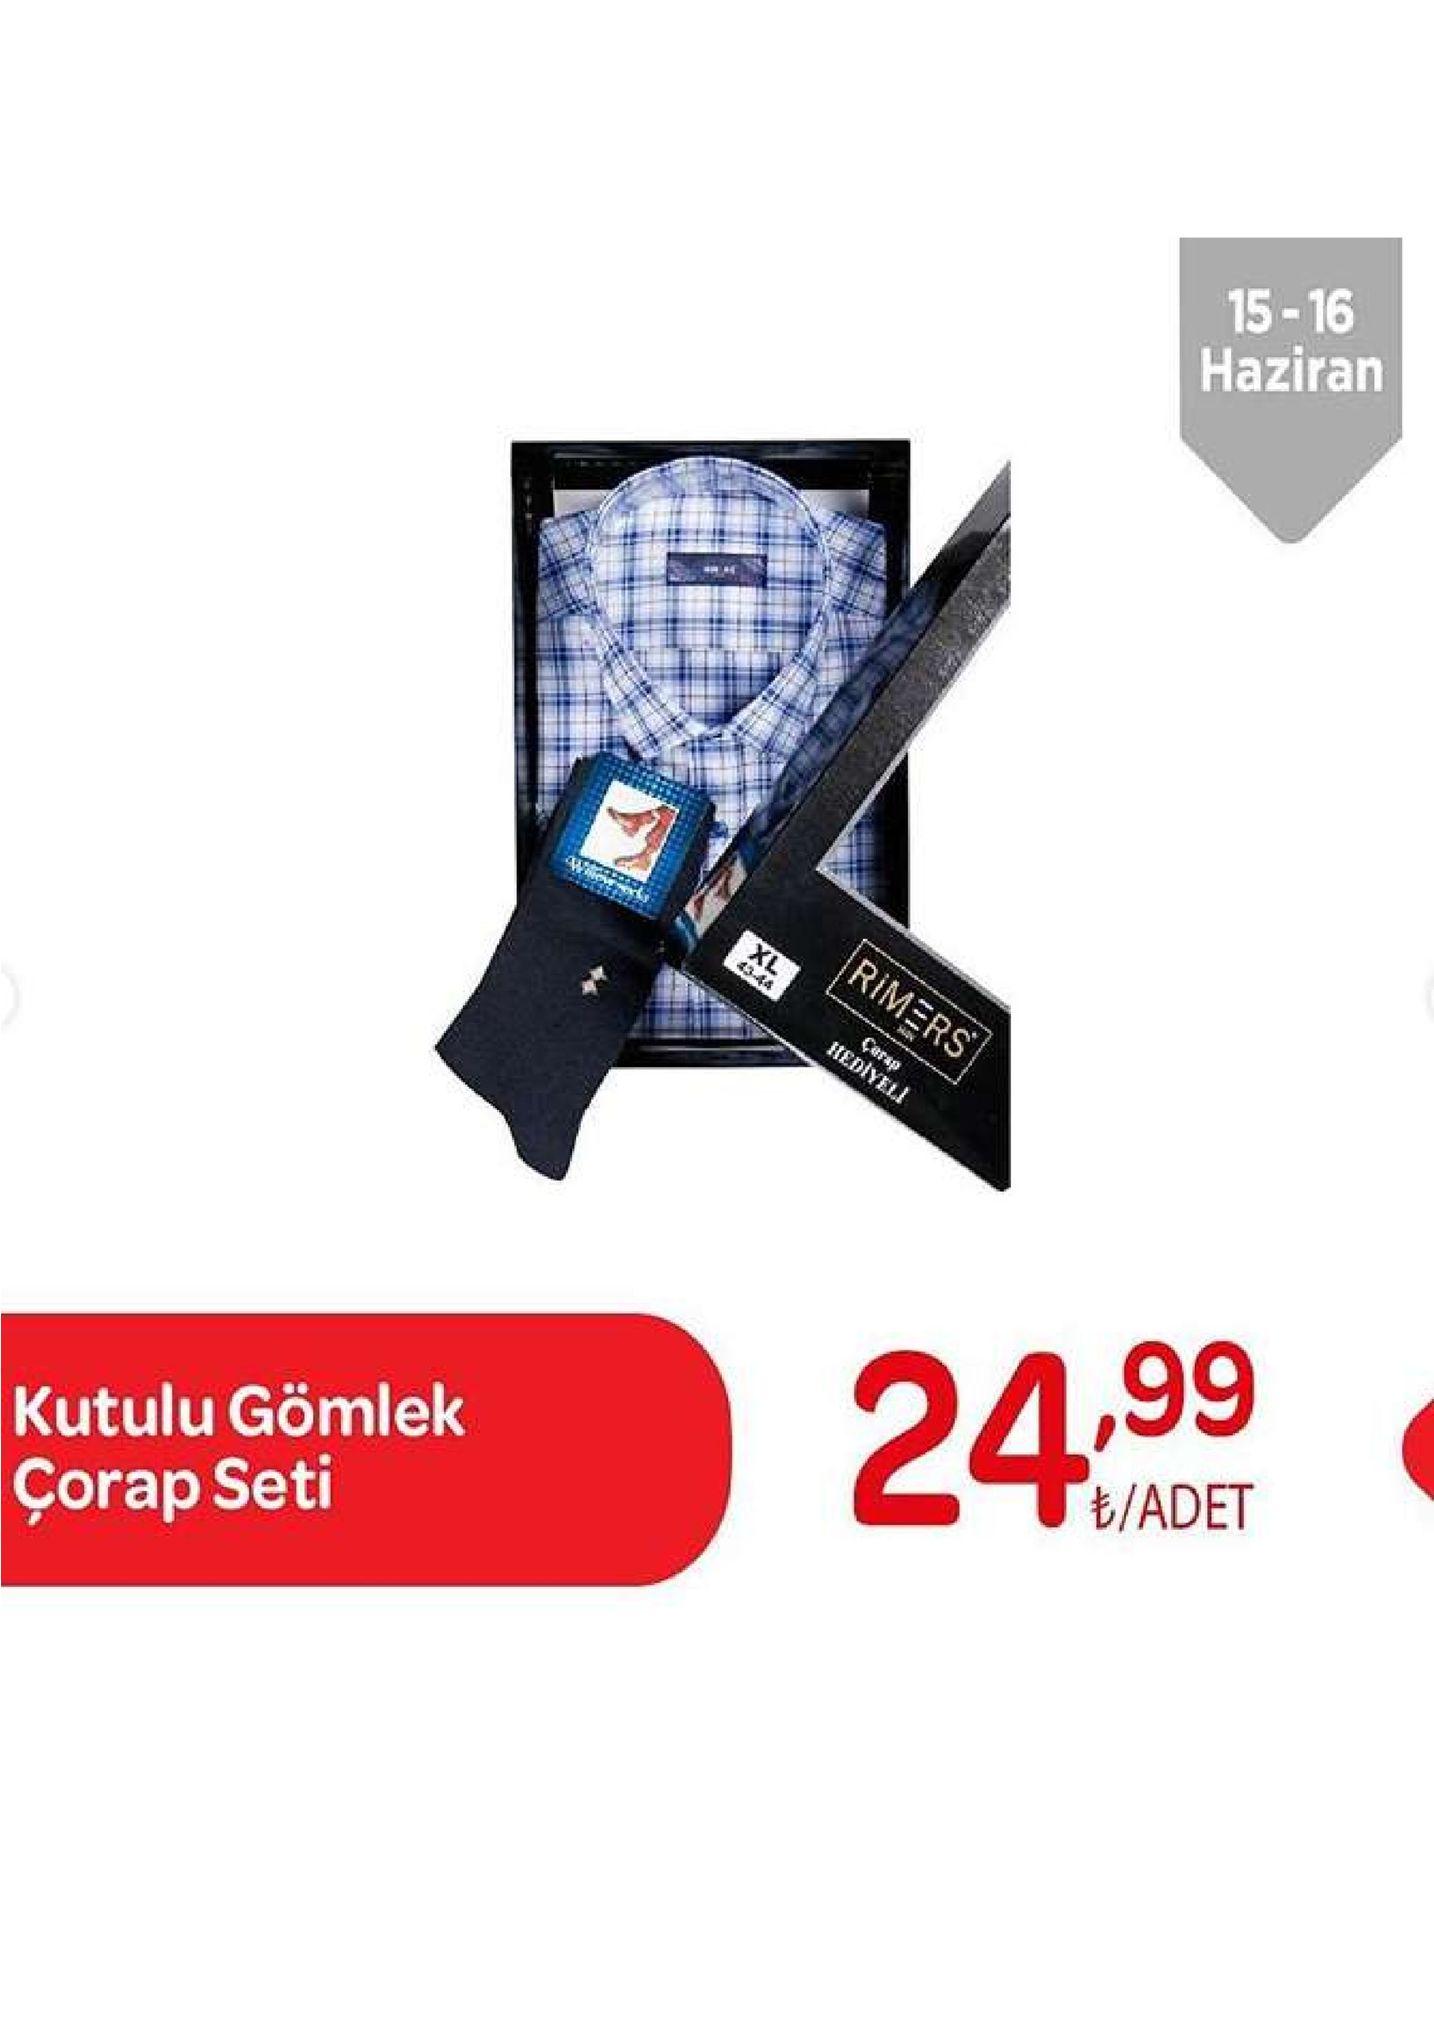 15-16 haziran rimers xl 4344 carap rediyeli 1,99 24.99 t/adet kutulu gömlek çorap seti